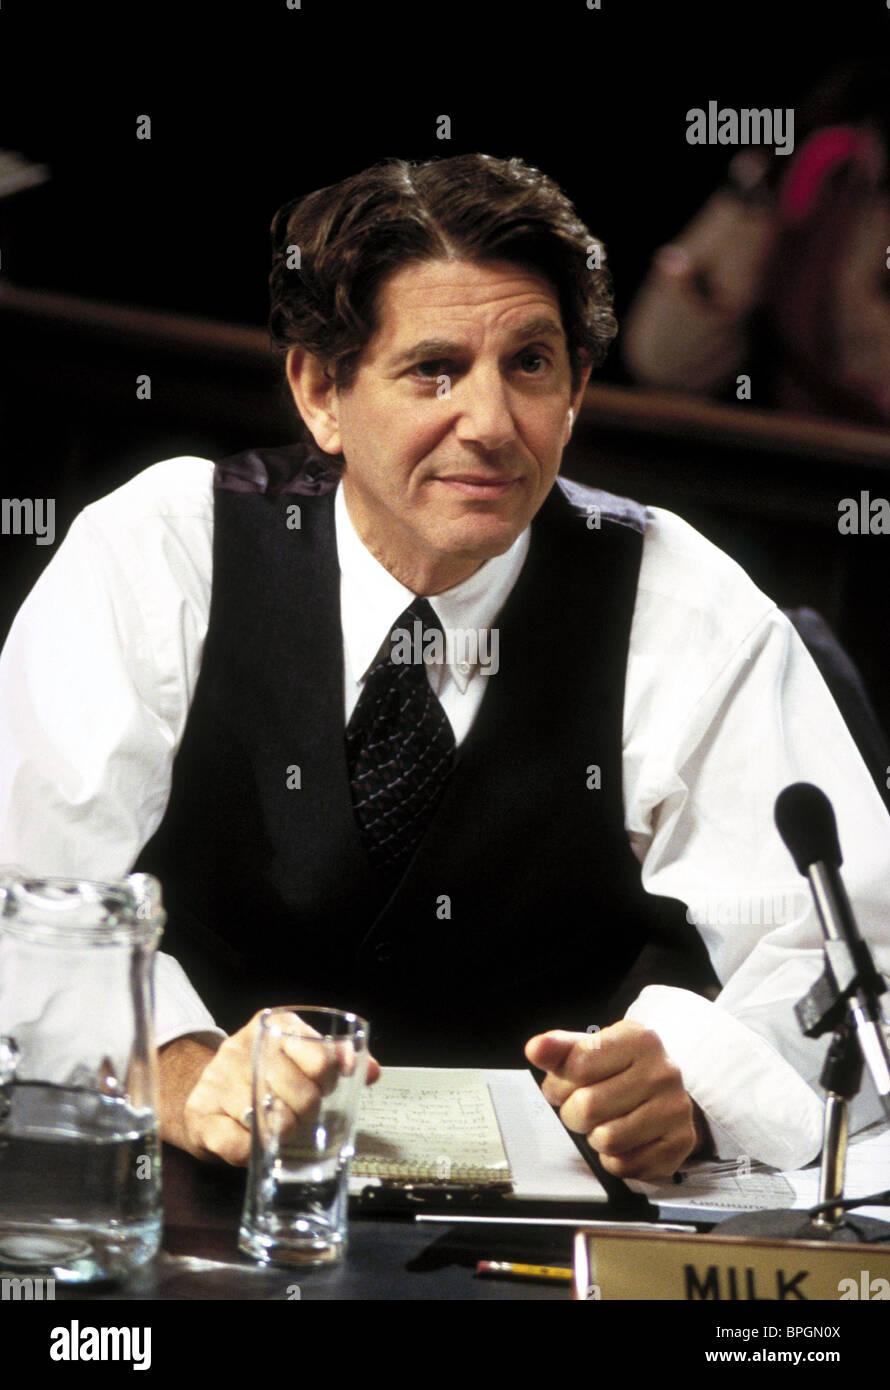 PETER COYOTE ESECUZIONE DI GIUSTIZIA (1999) Immagini Stock